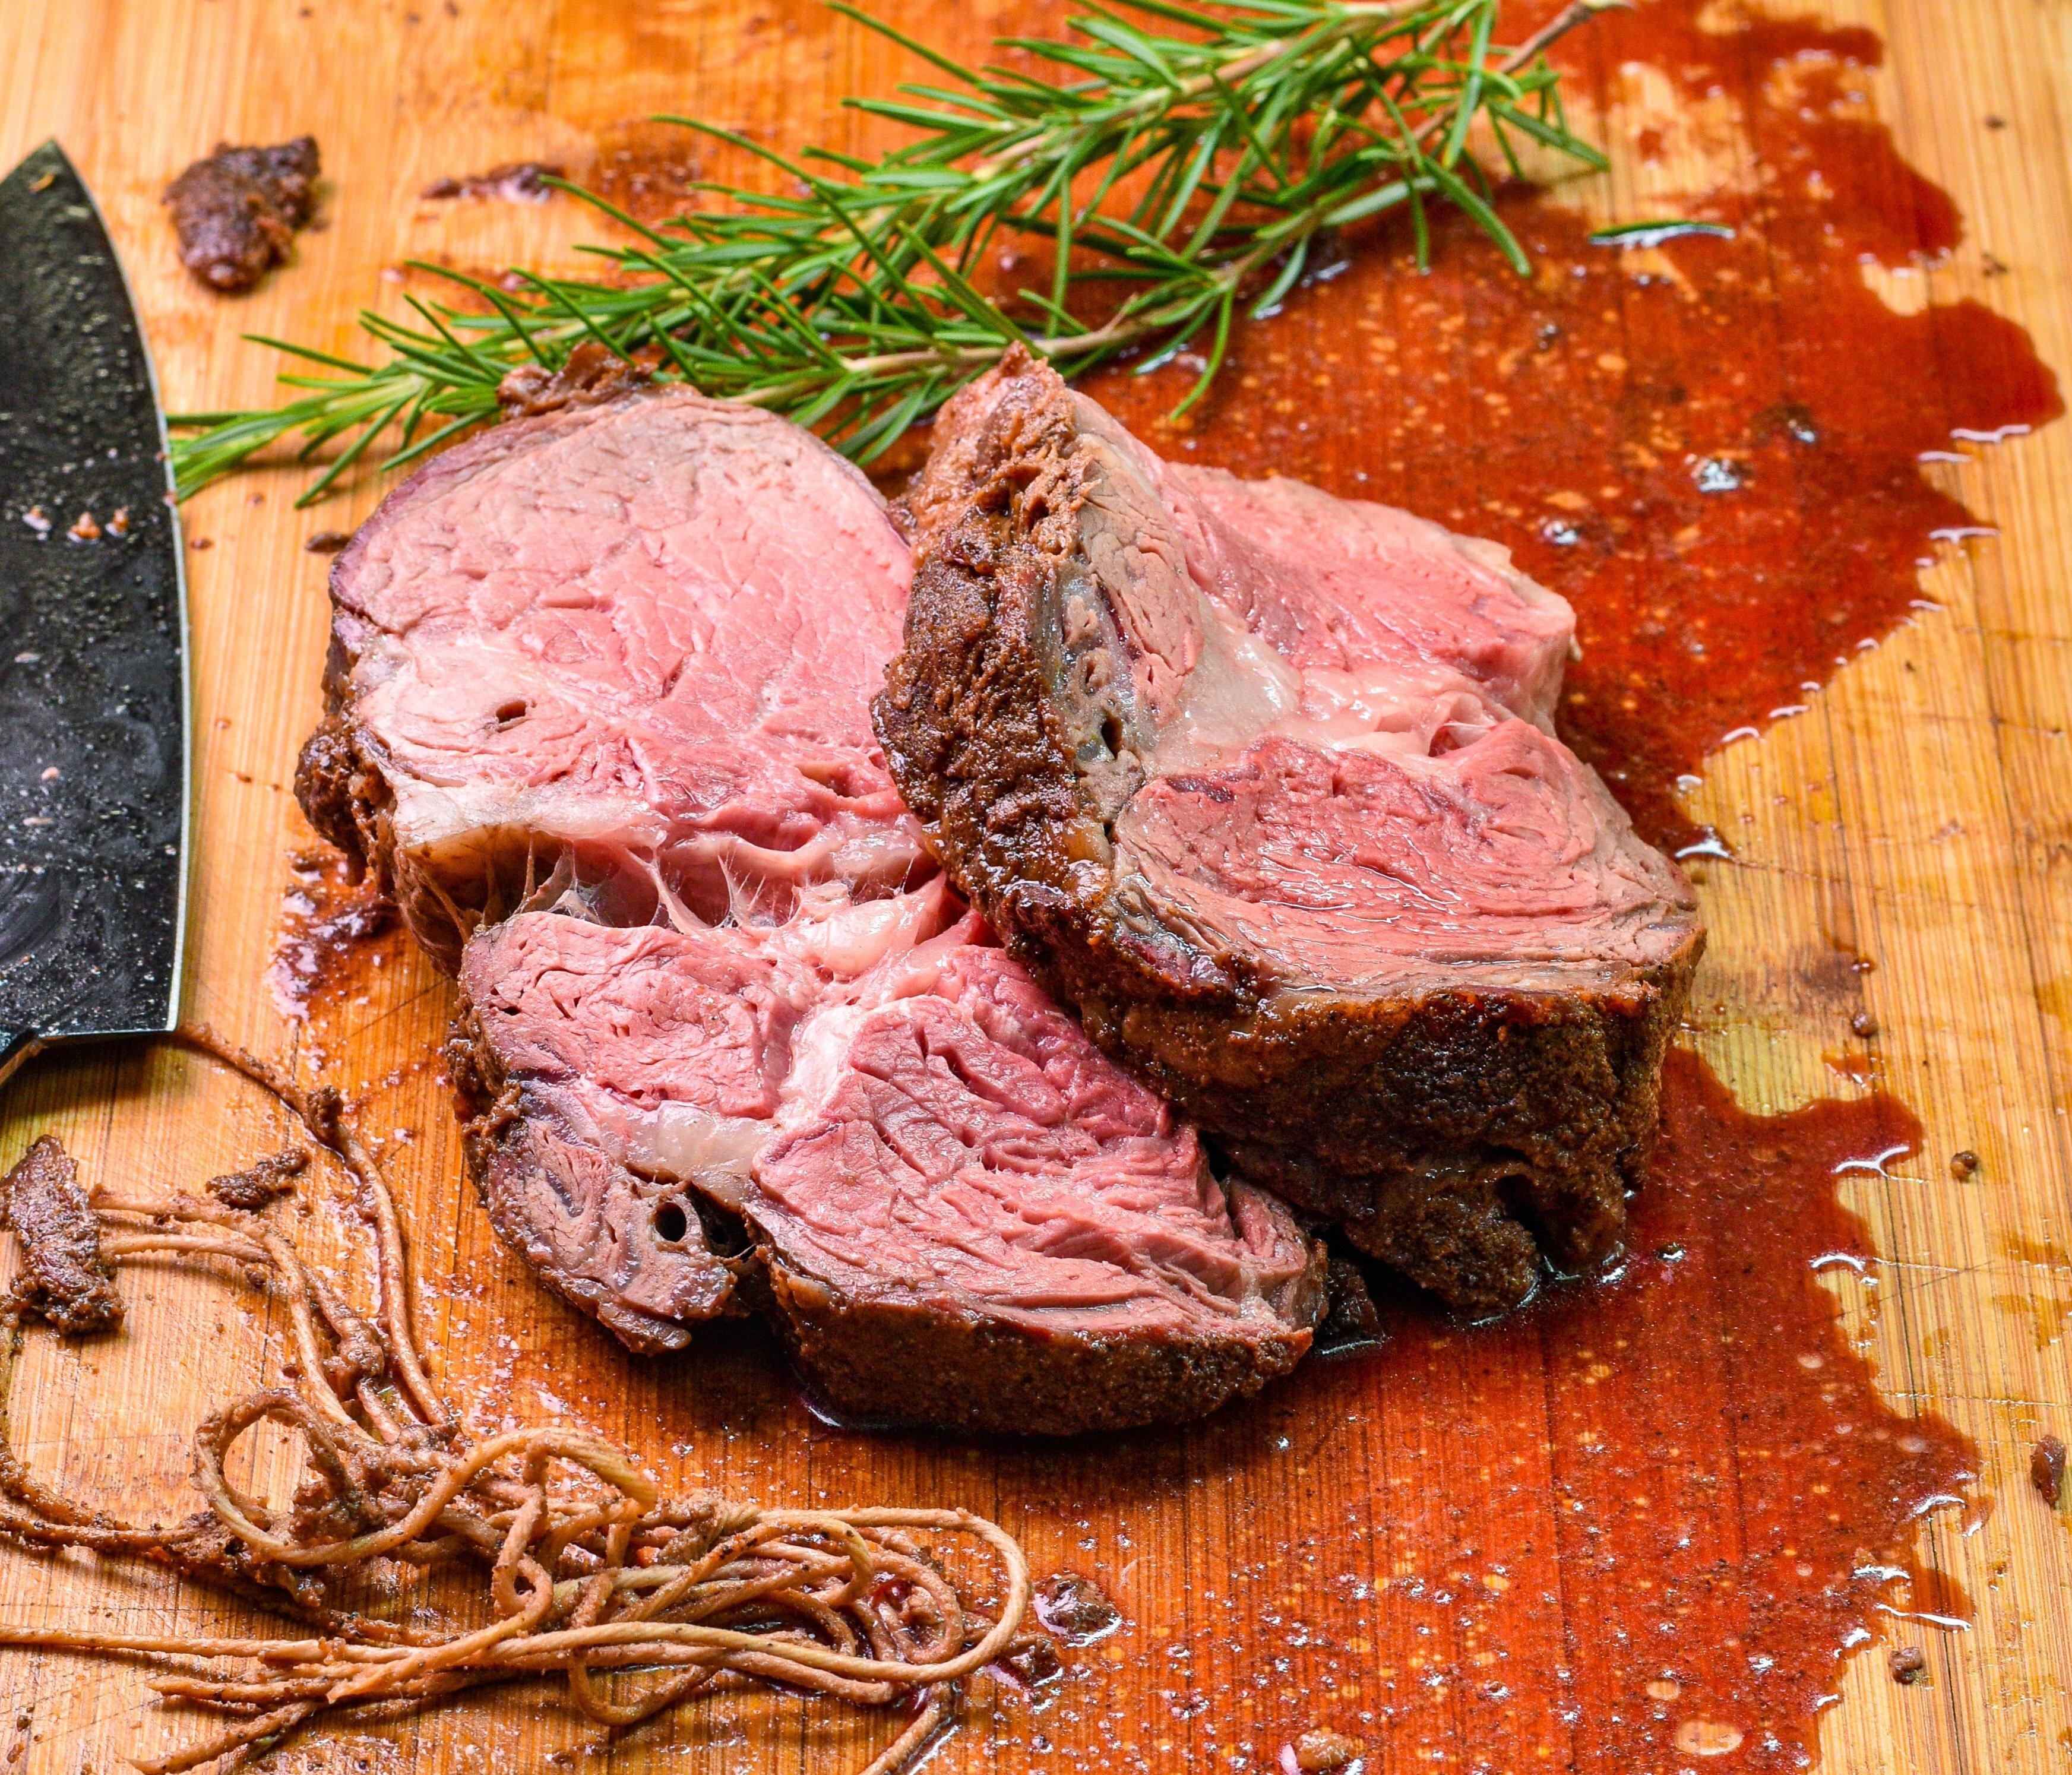 Rotisserie Prime Rib roast Weber Kettle